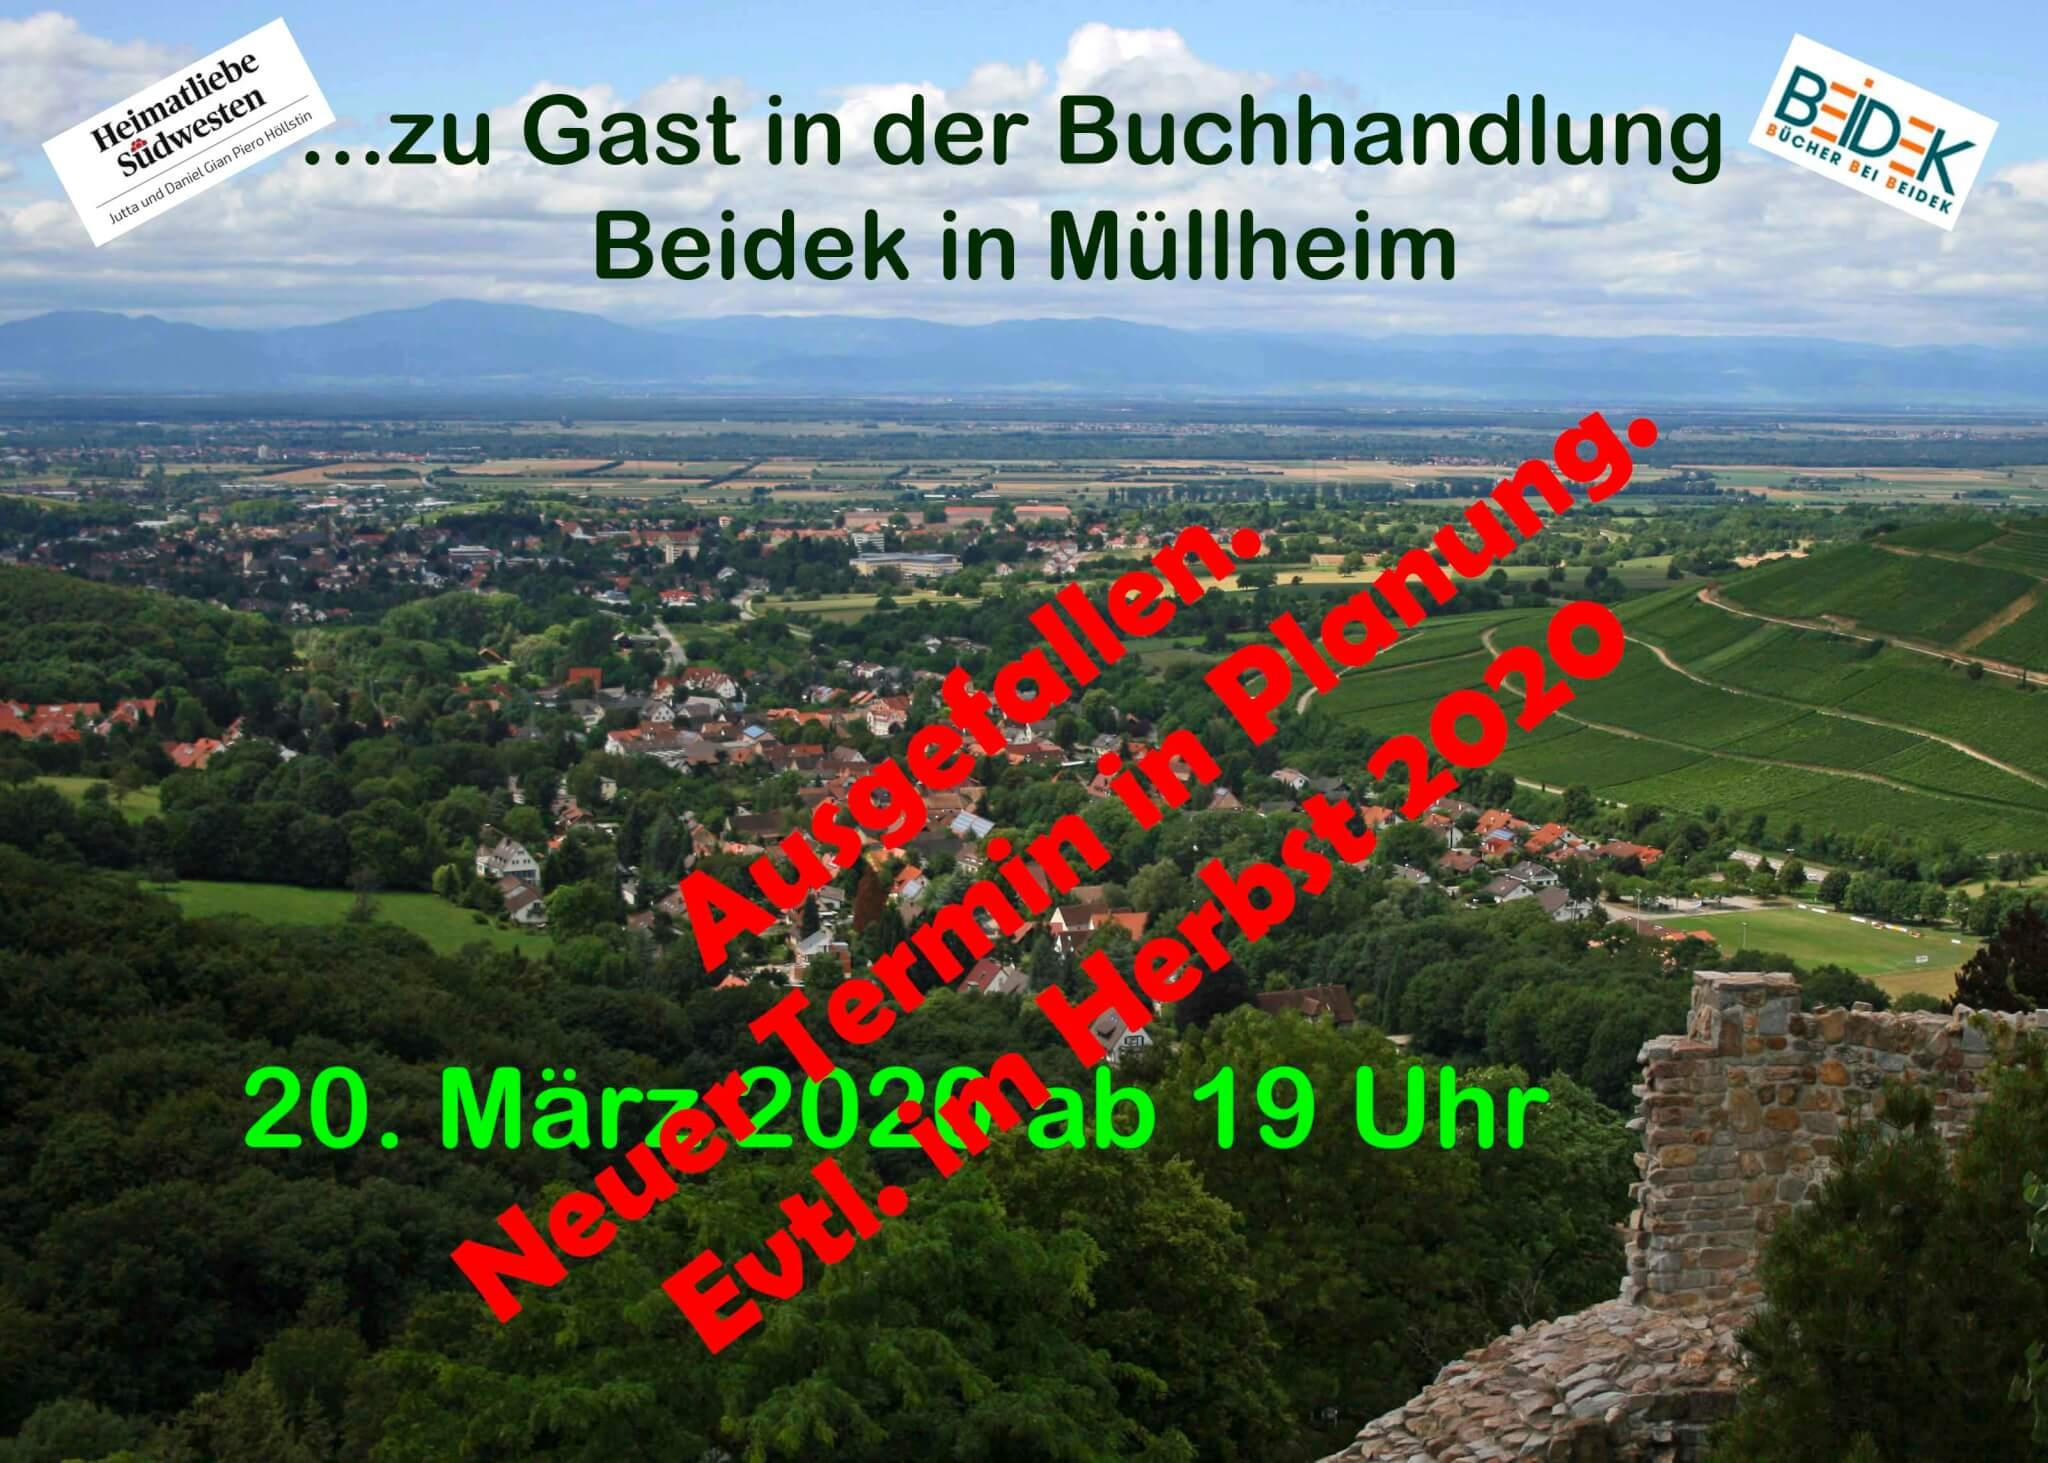 Zu Gast in der Buchhandlung Beidek in Müllheim-Baden